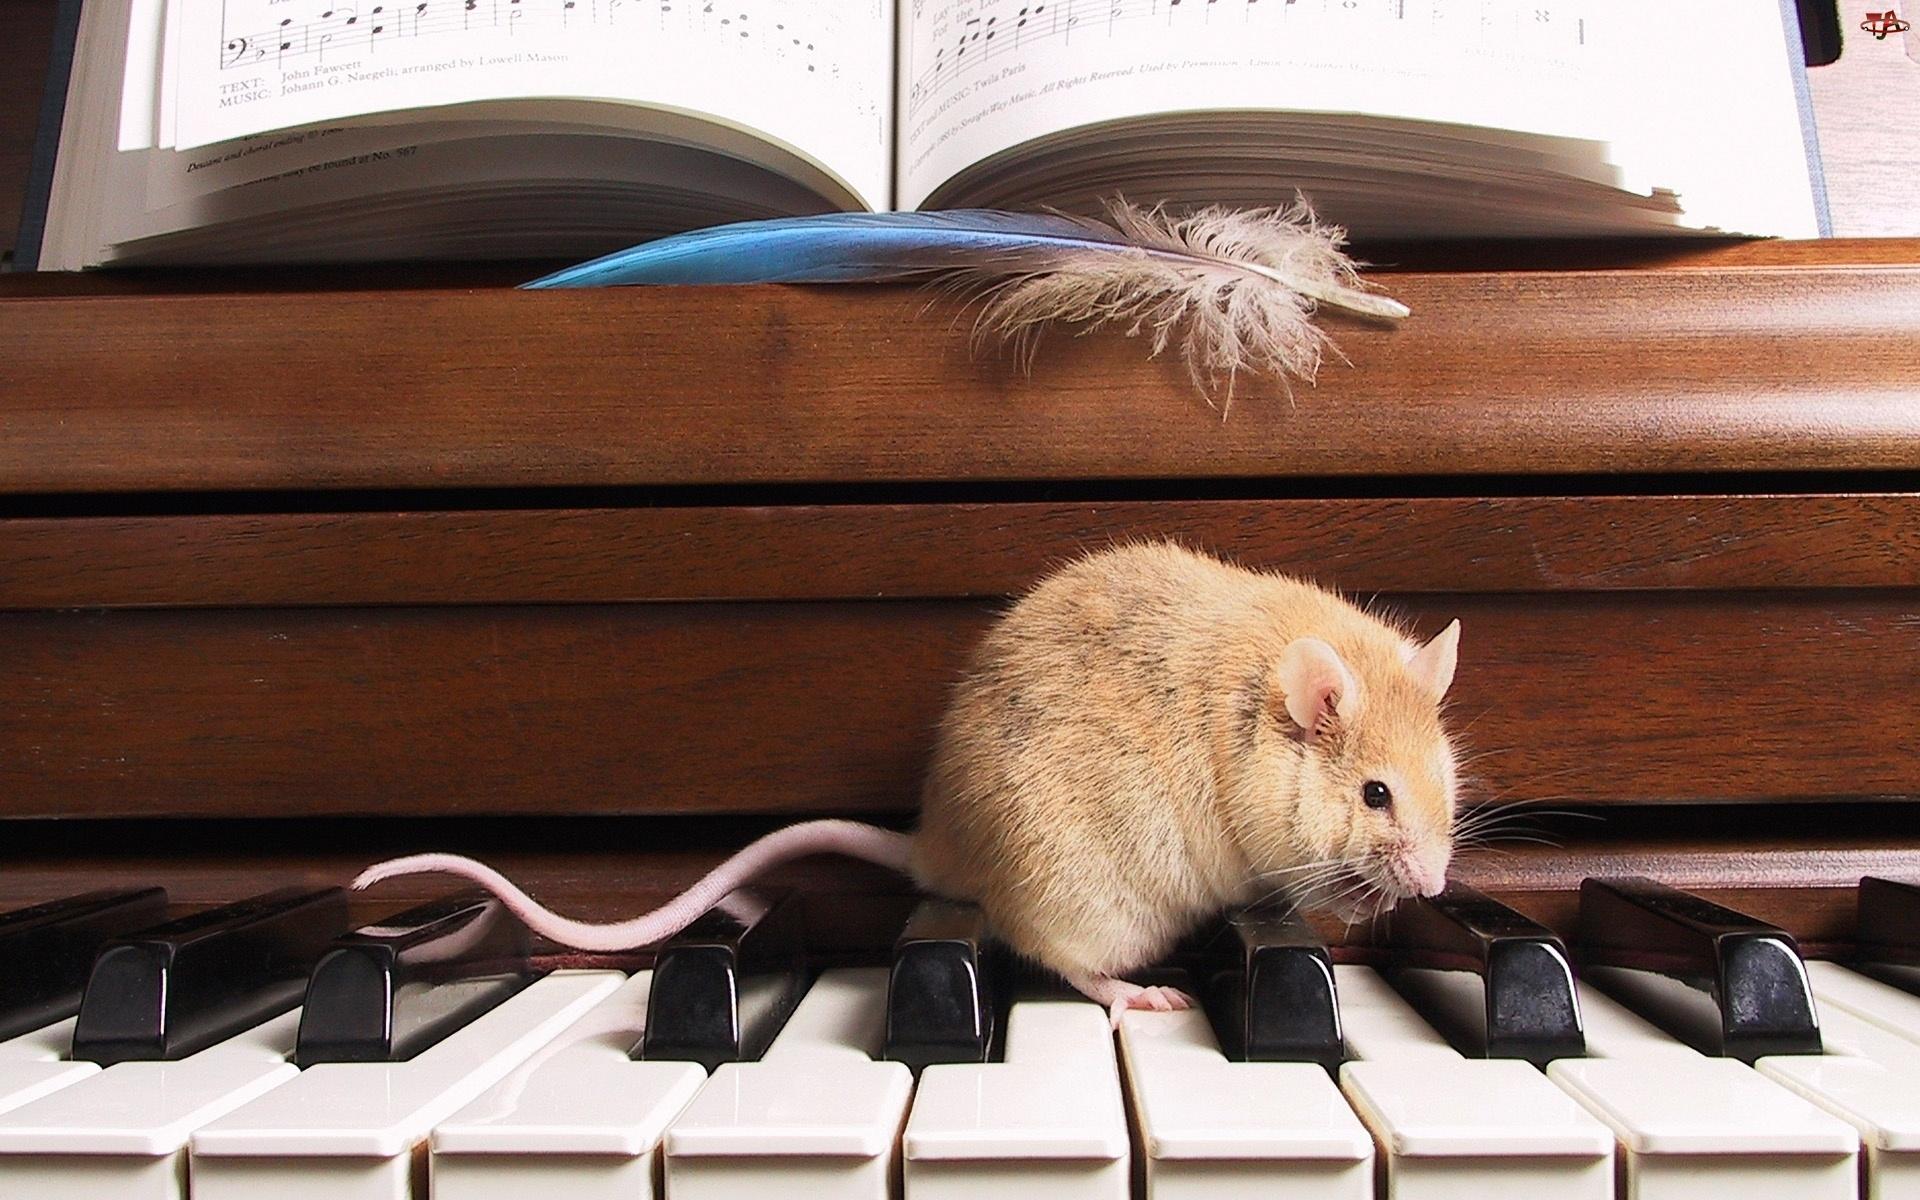 Myszka, Nuty, Pianino, Klawiatura